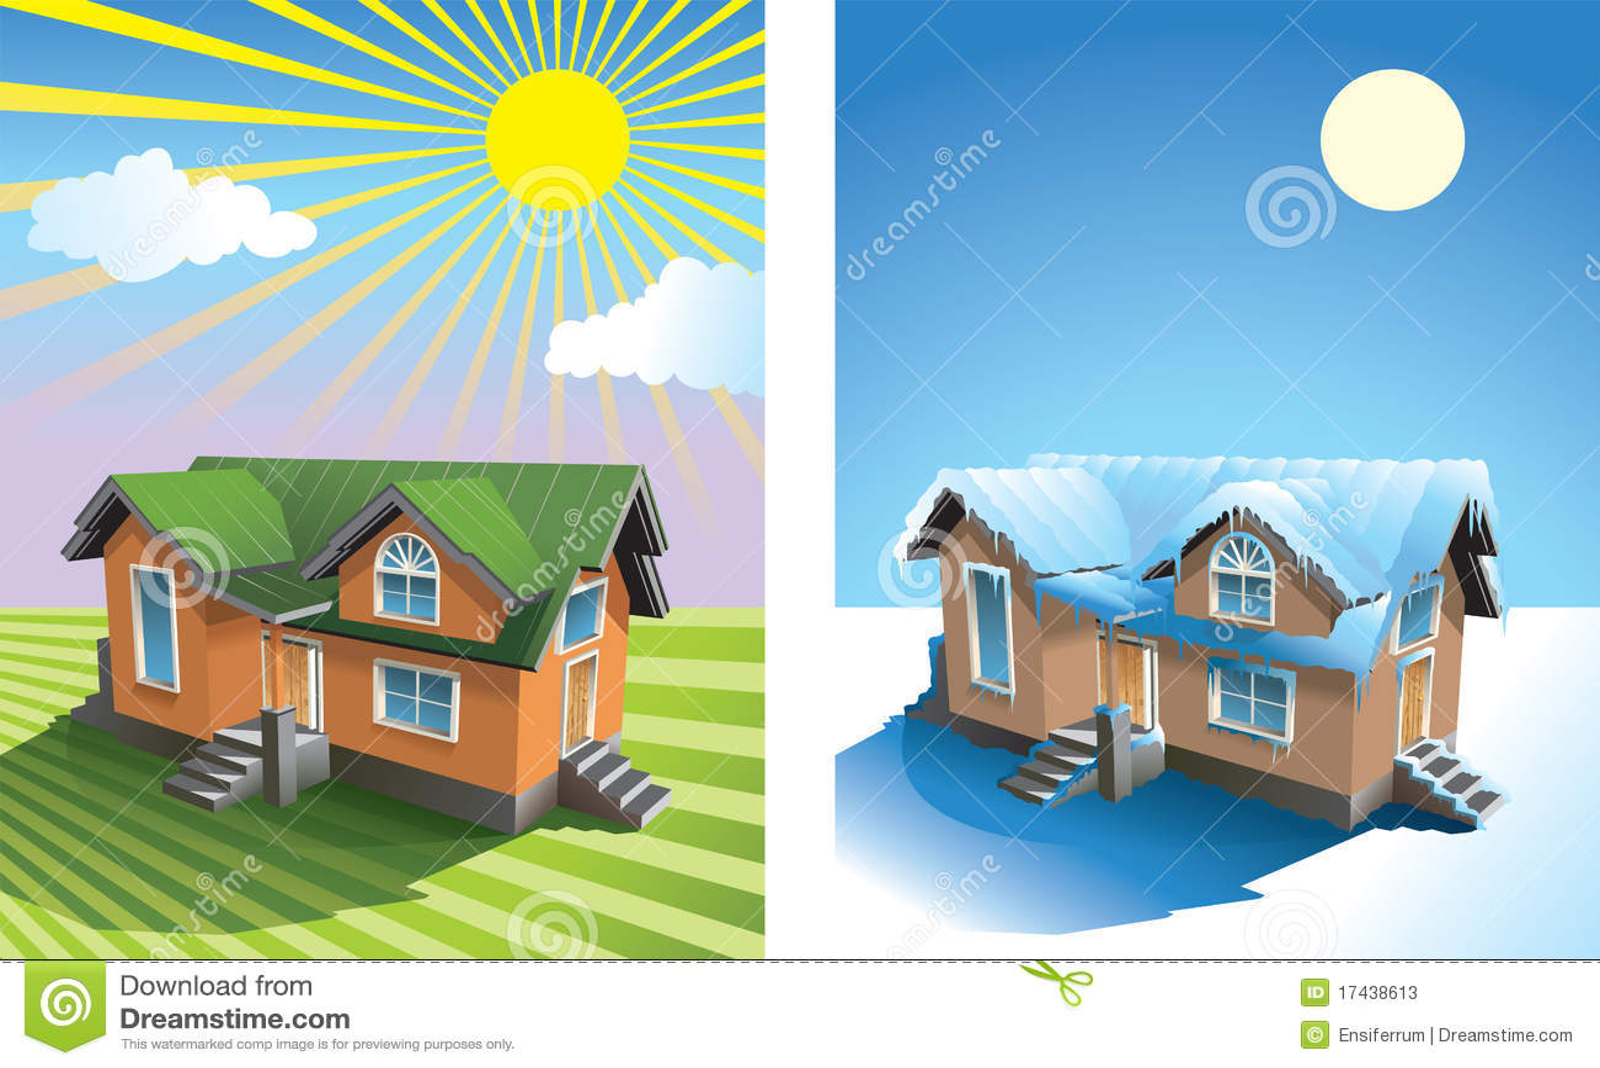 Casa en verano e invierno ilustraci n del vector for Imagenes de patios de invierno